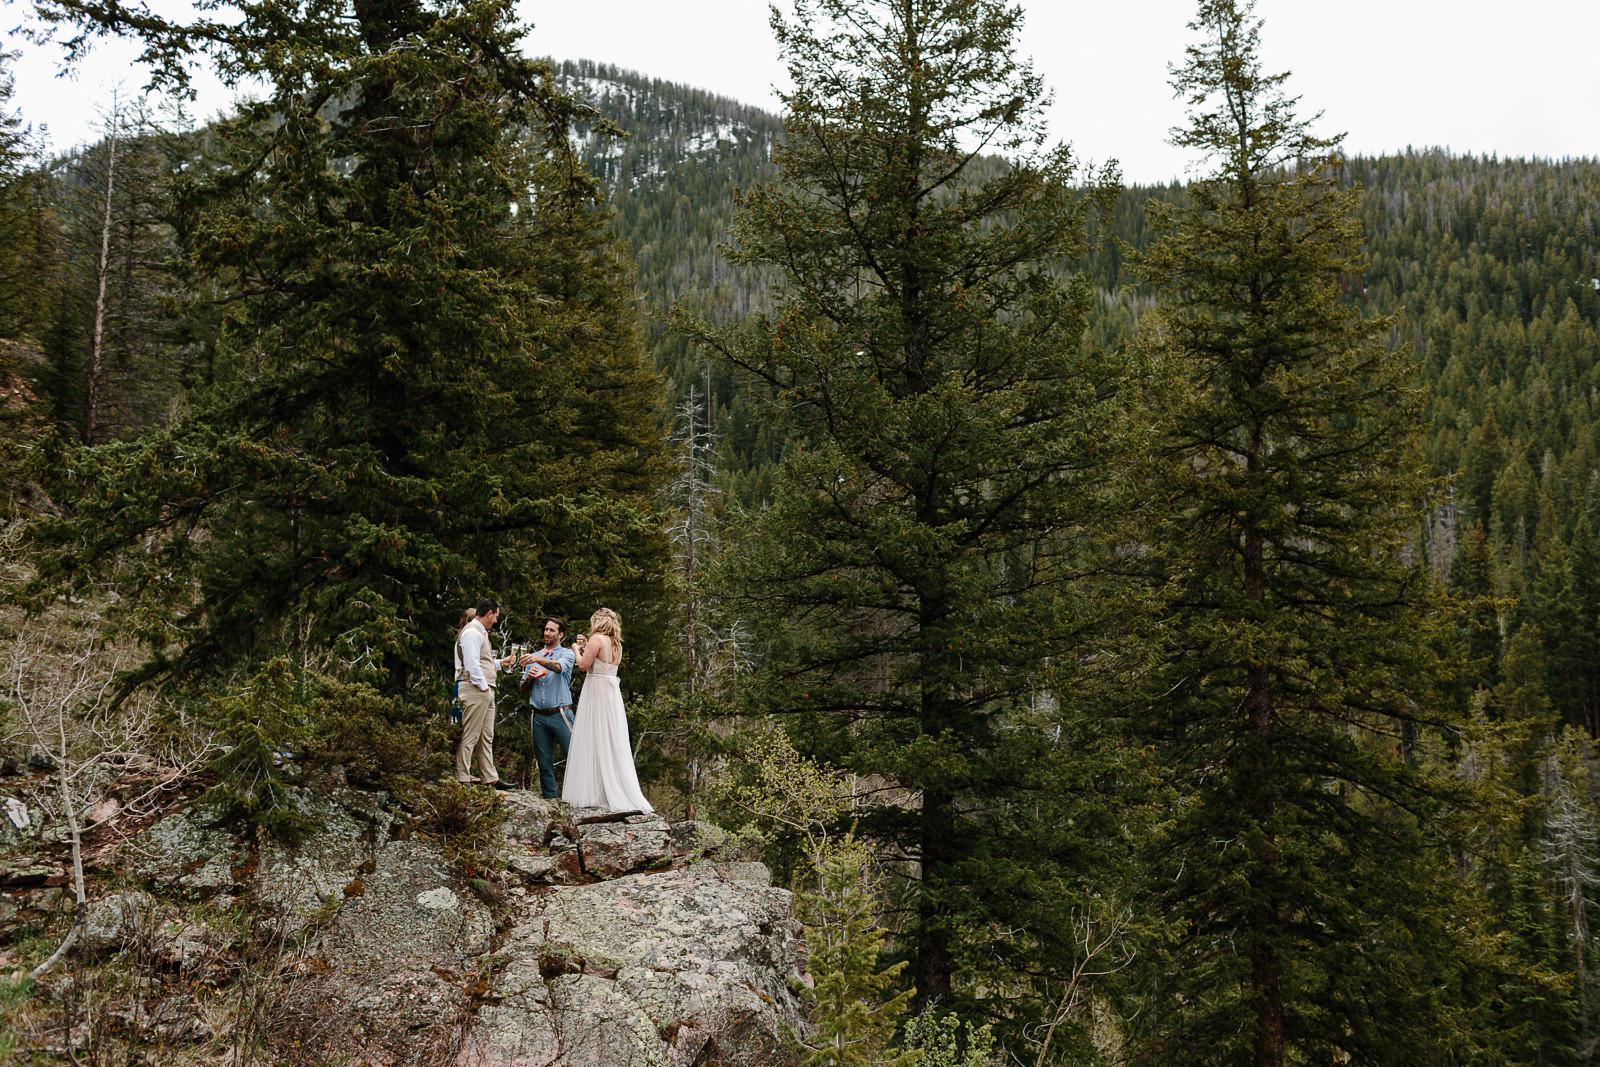 036-vail-elopement-photographer-chris-and-tara.jpg